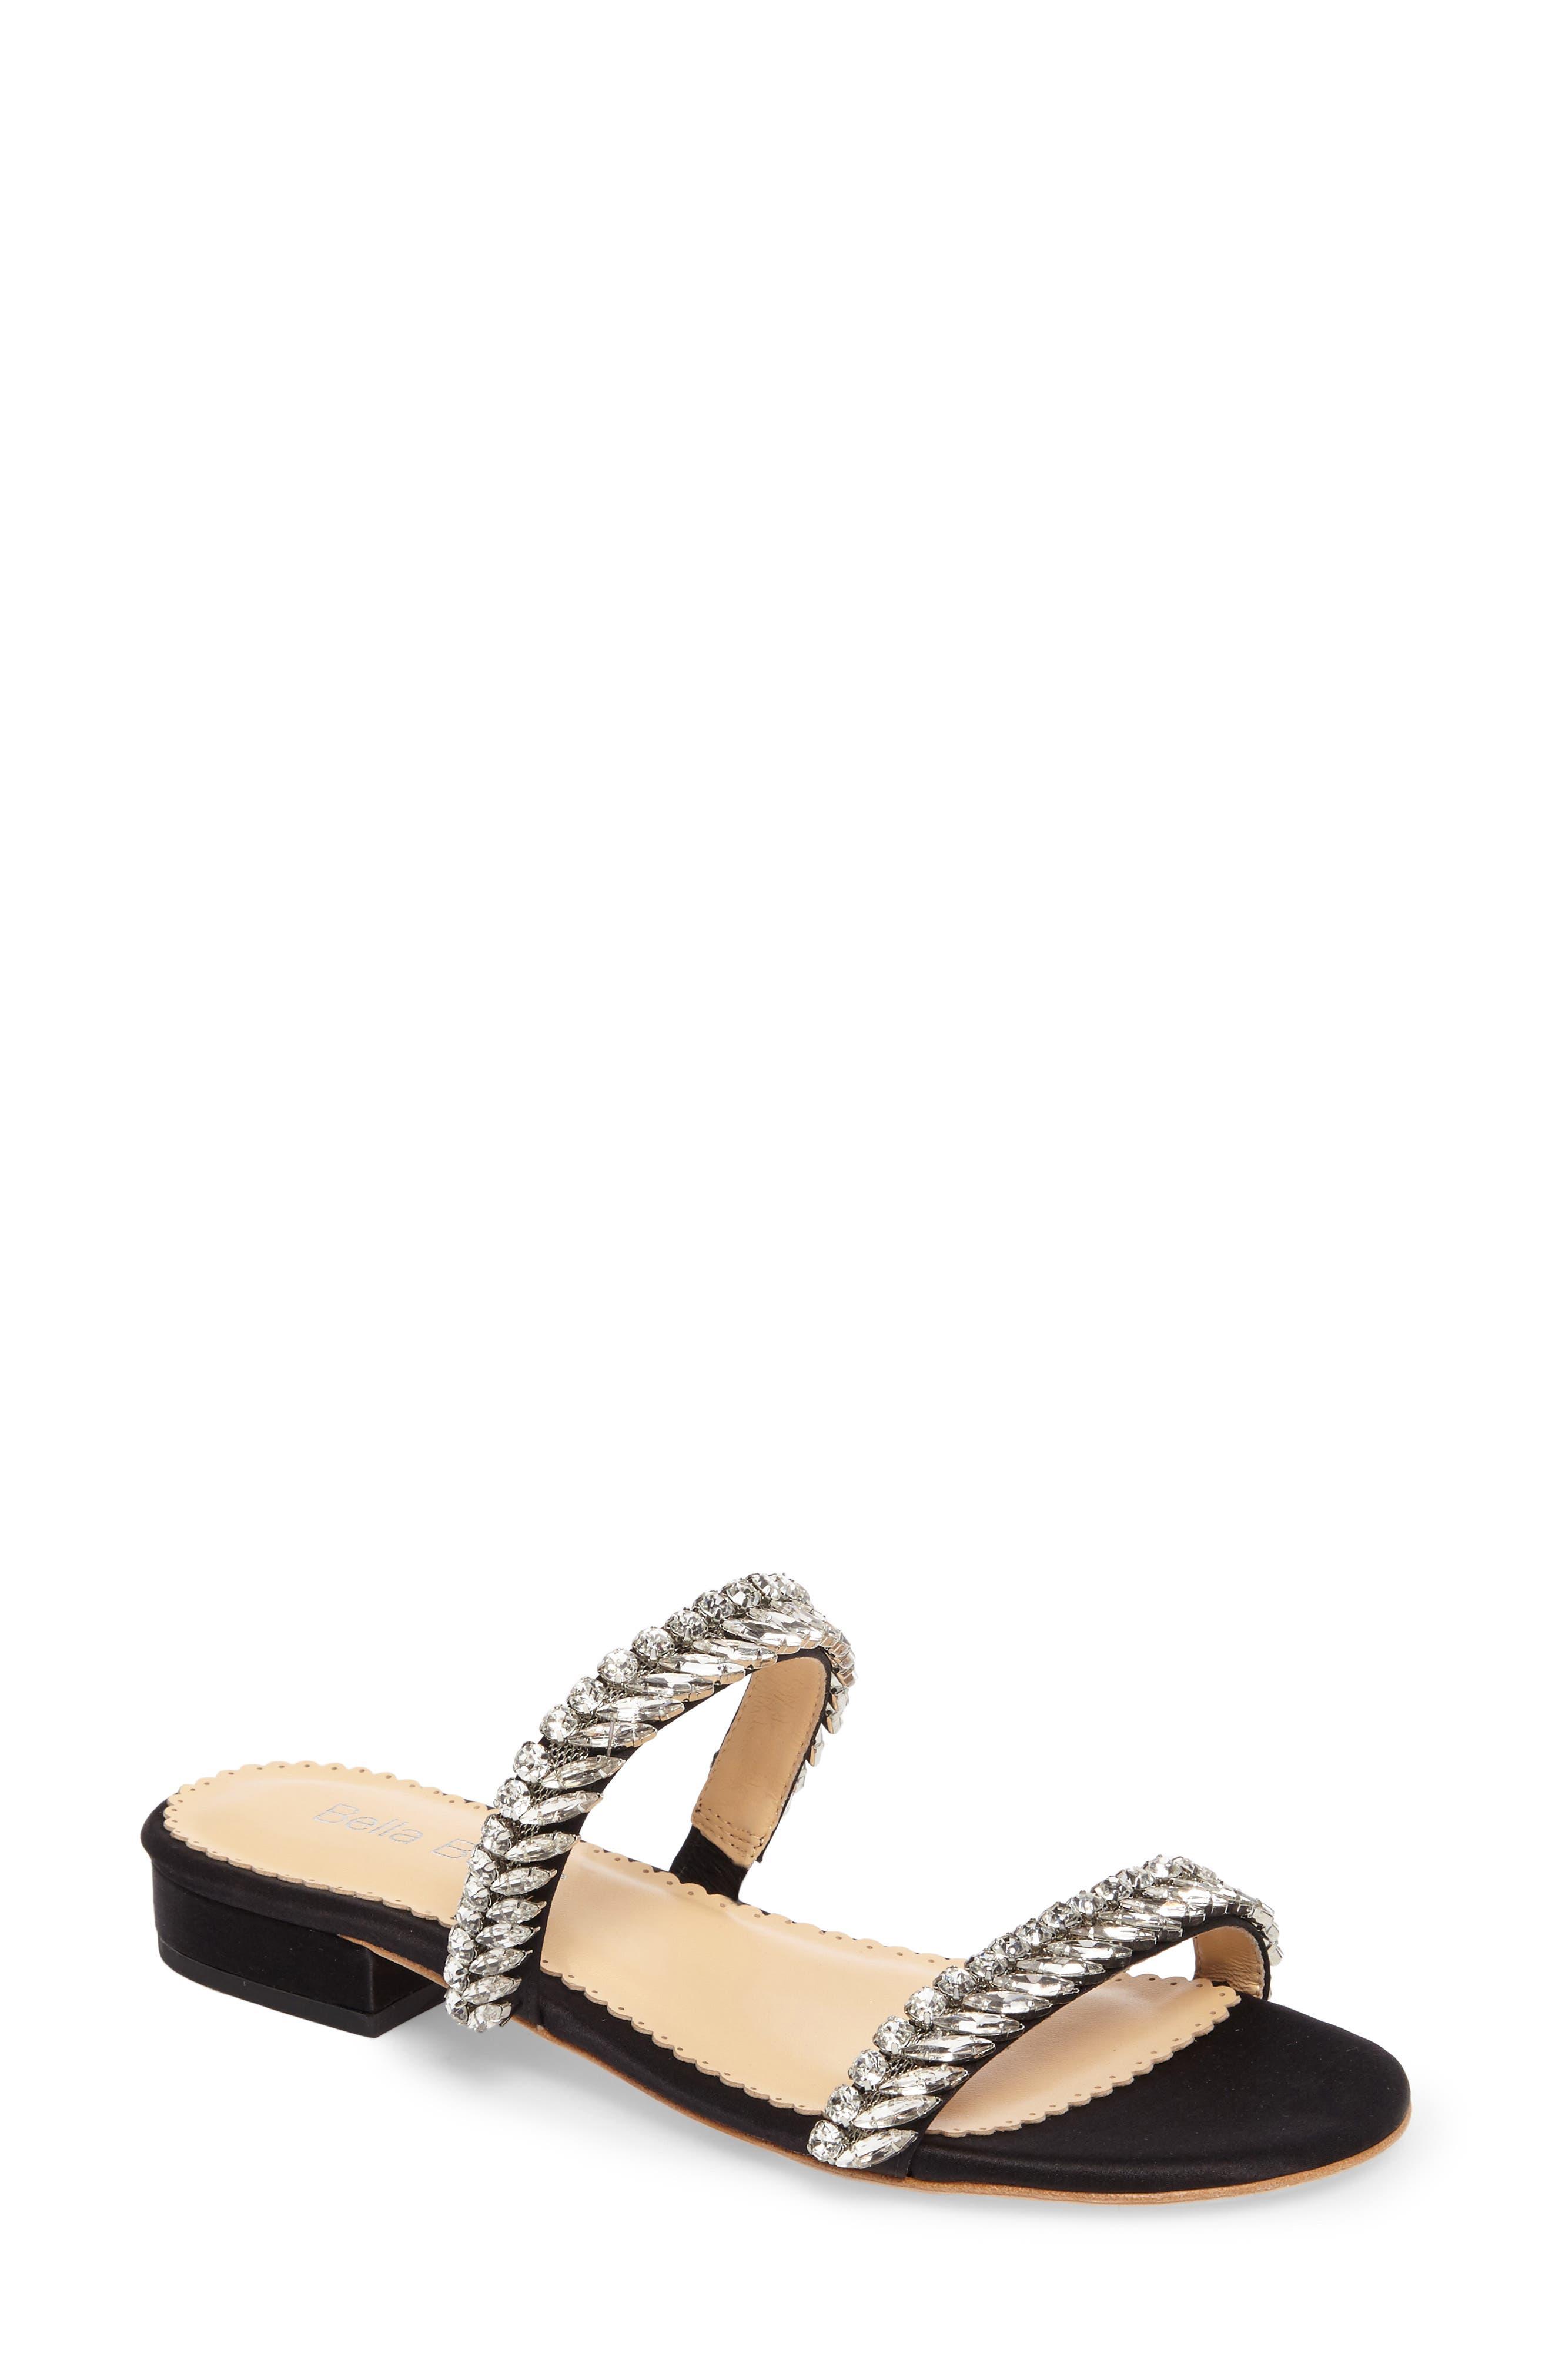 Bree Jeweled Evening Sandal,                             Main thumbnail 1, color,                             BLACK